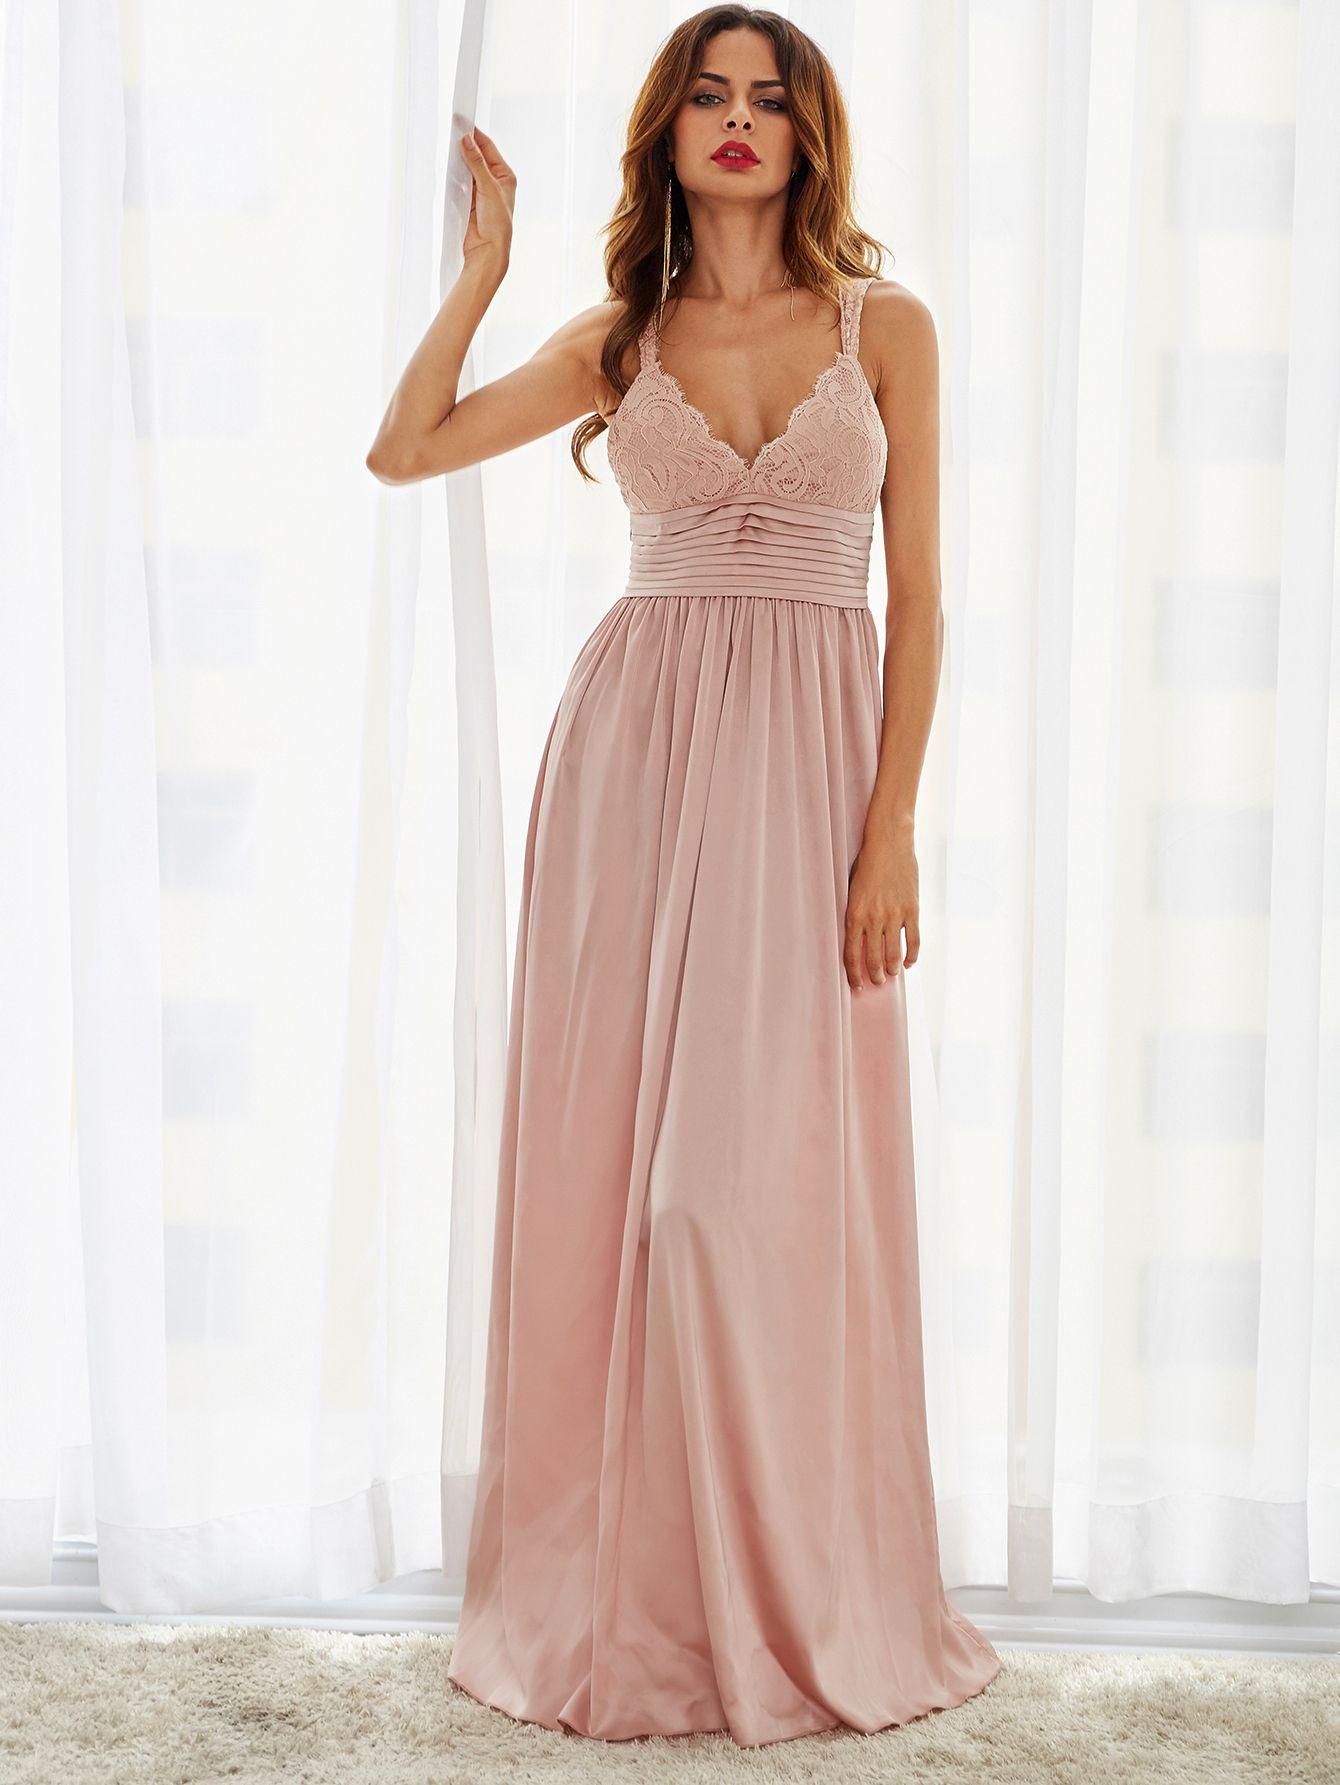 Schön Abendkleider Shein Vertrieb - Abendkleid